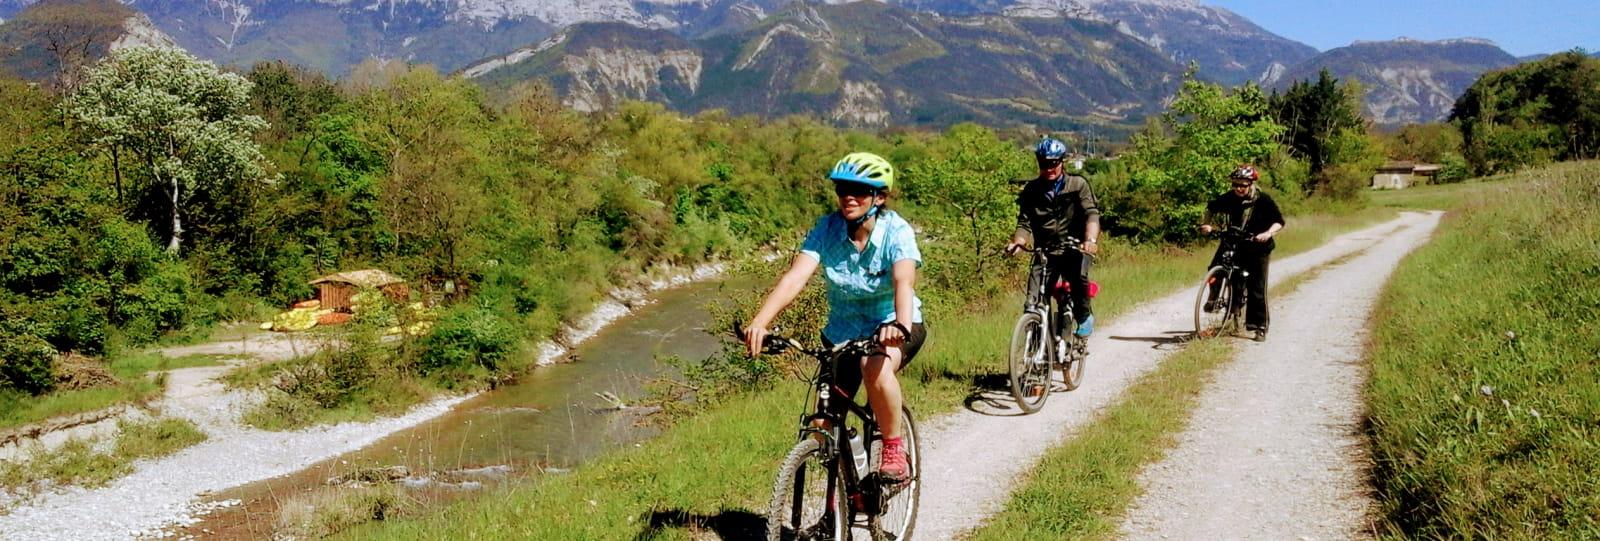 Initiation guidée à vélo électrique - Jardin du Diois avec BEcyclette